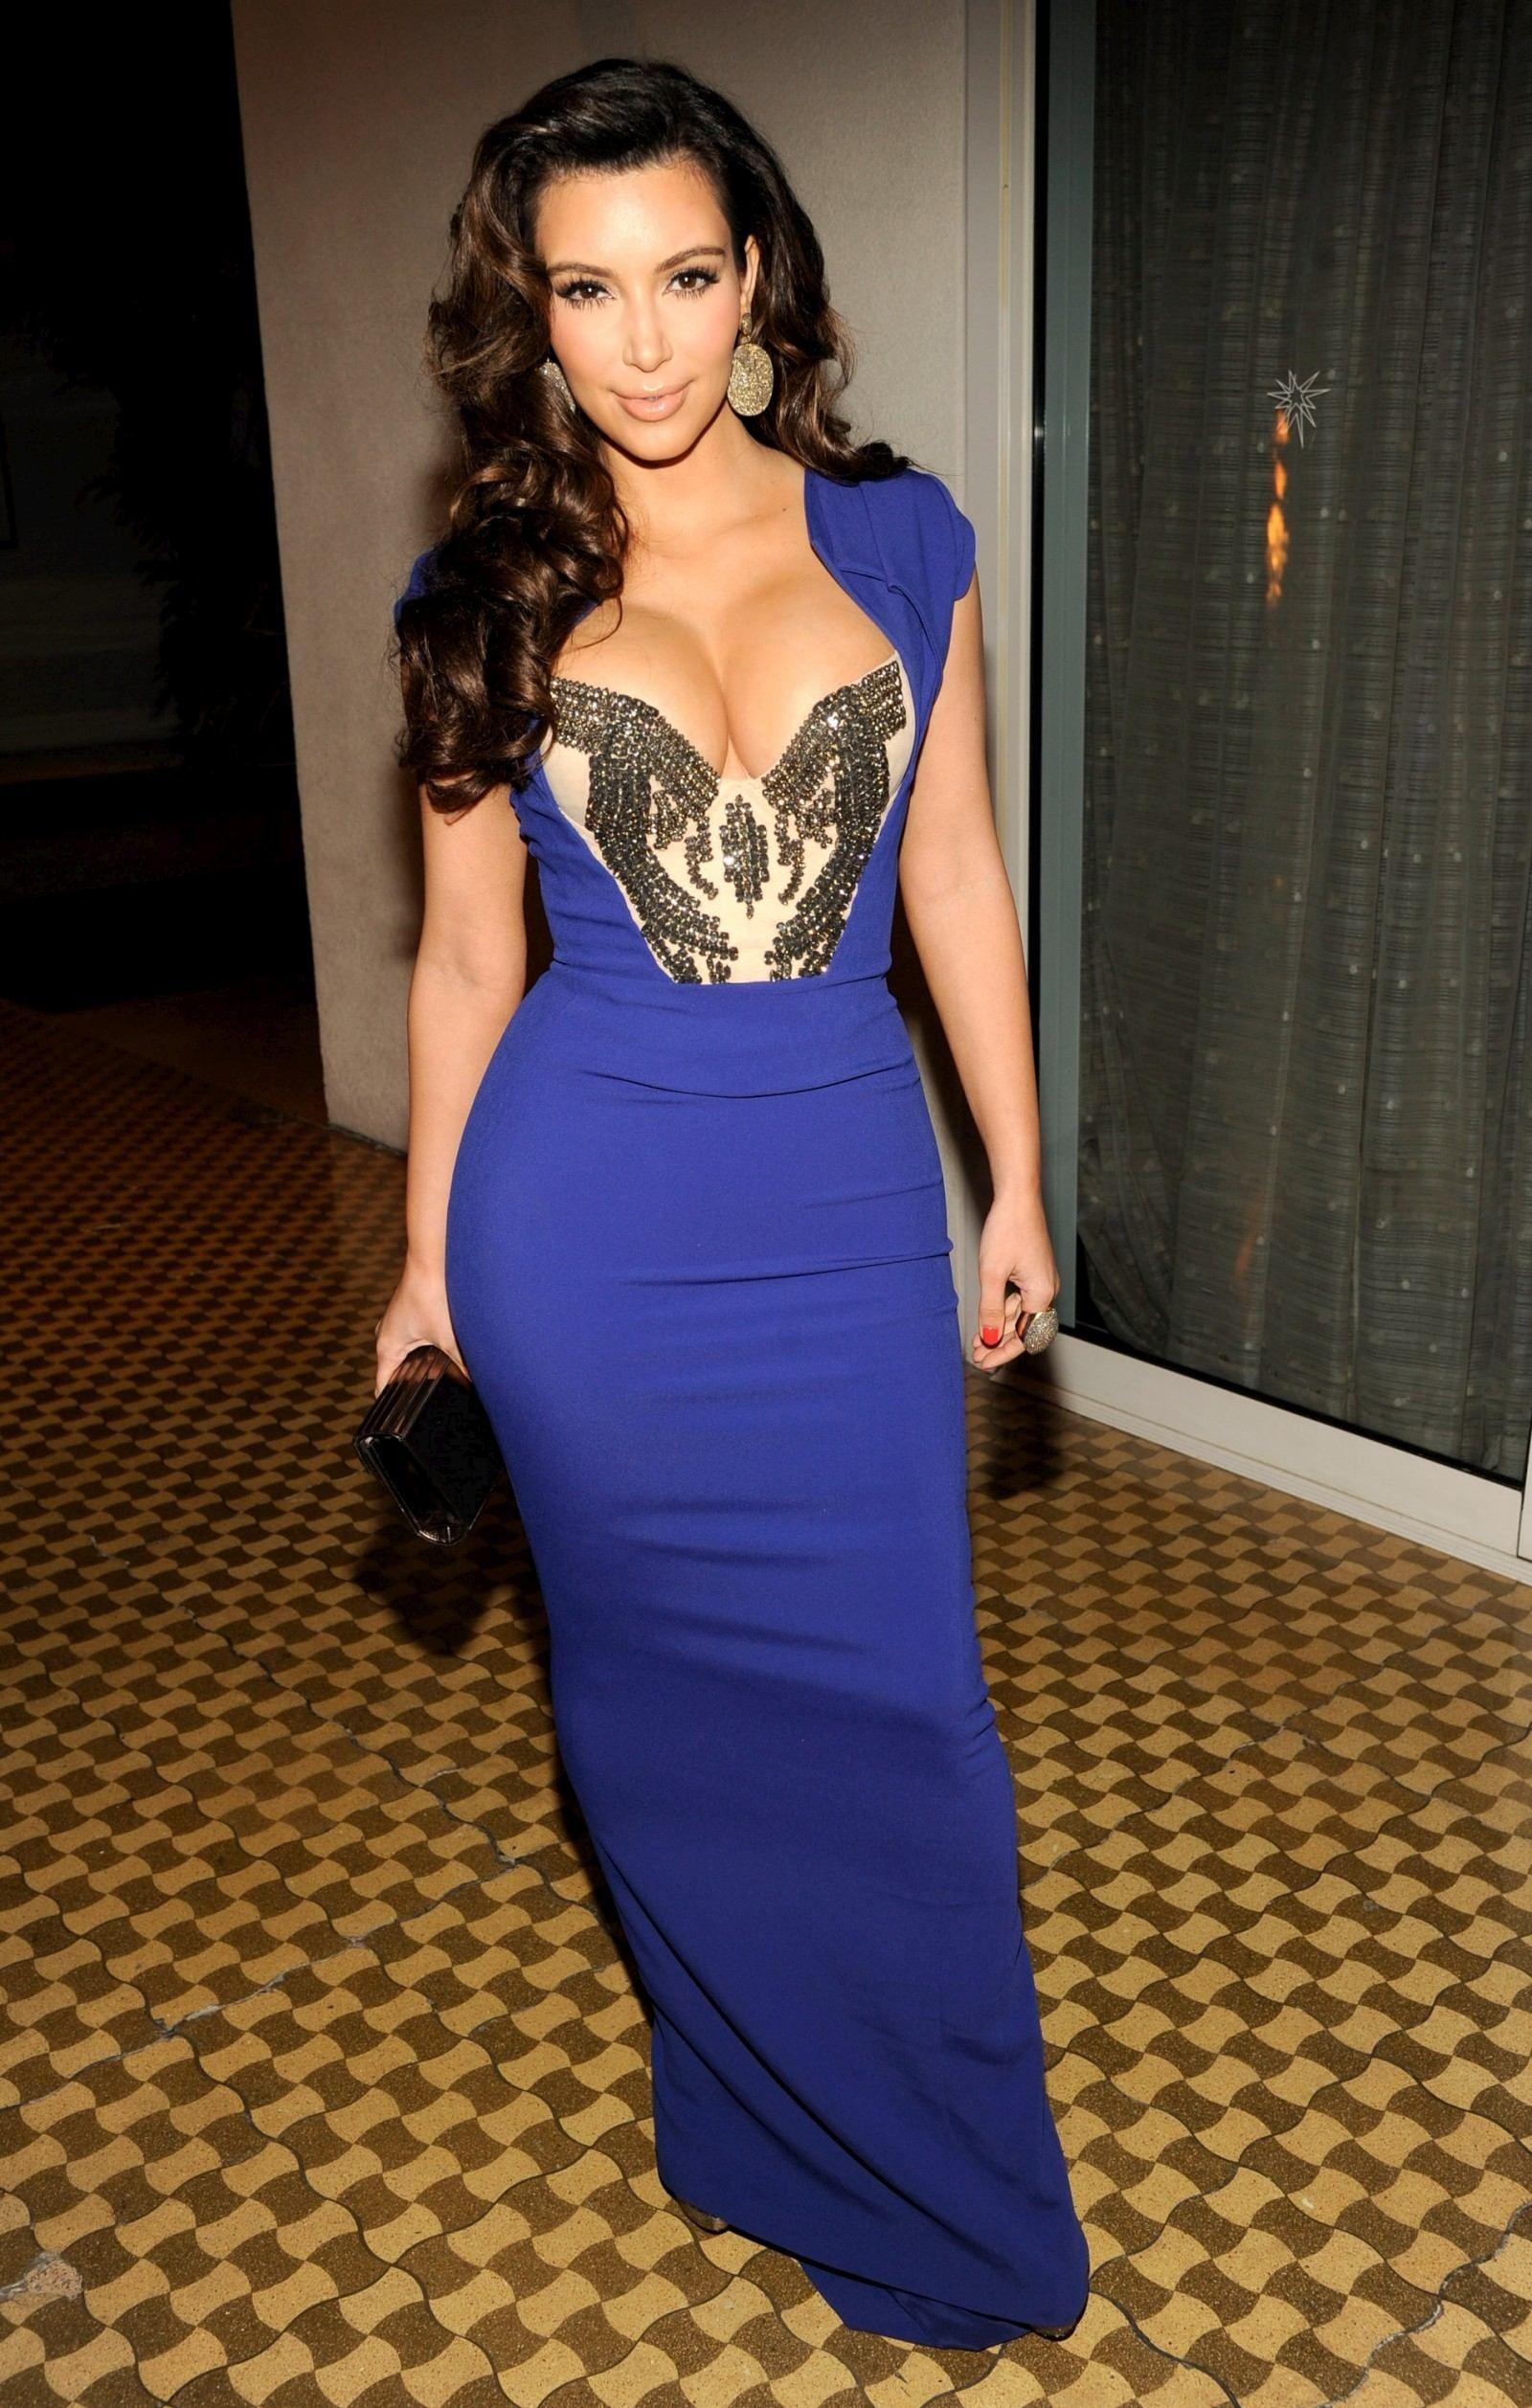 Kim k royal blue dress quinceanera | Color dress | Pinterest ...